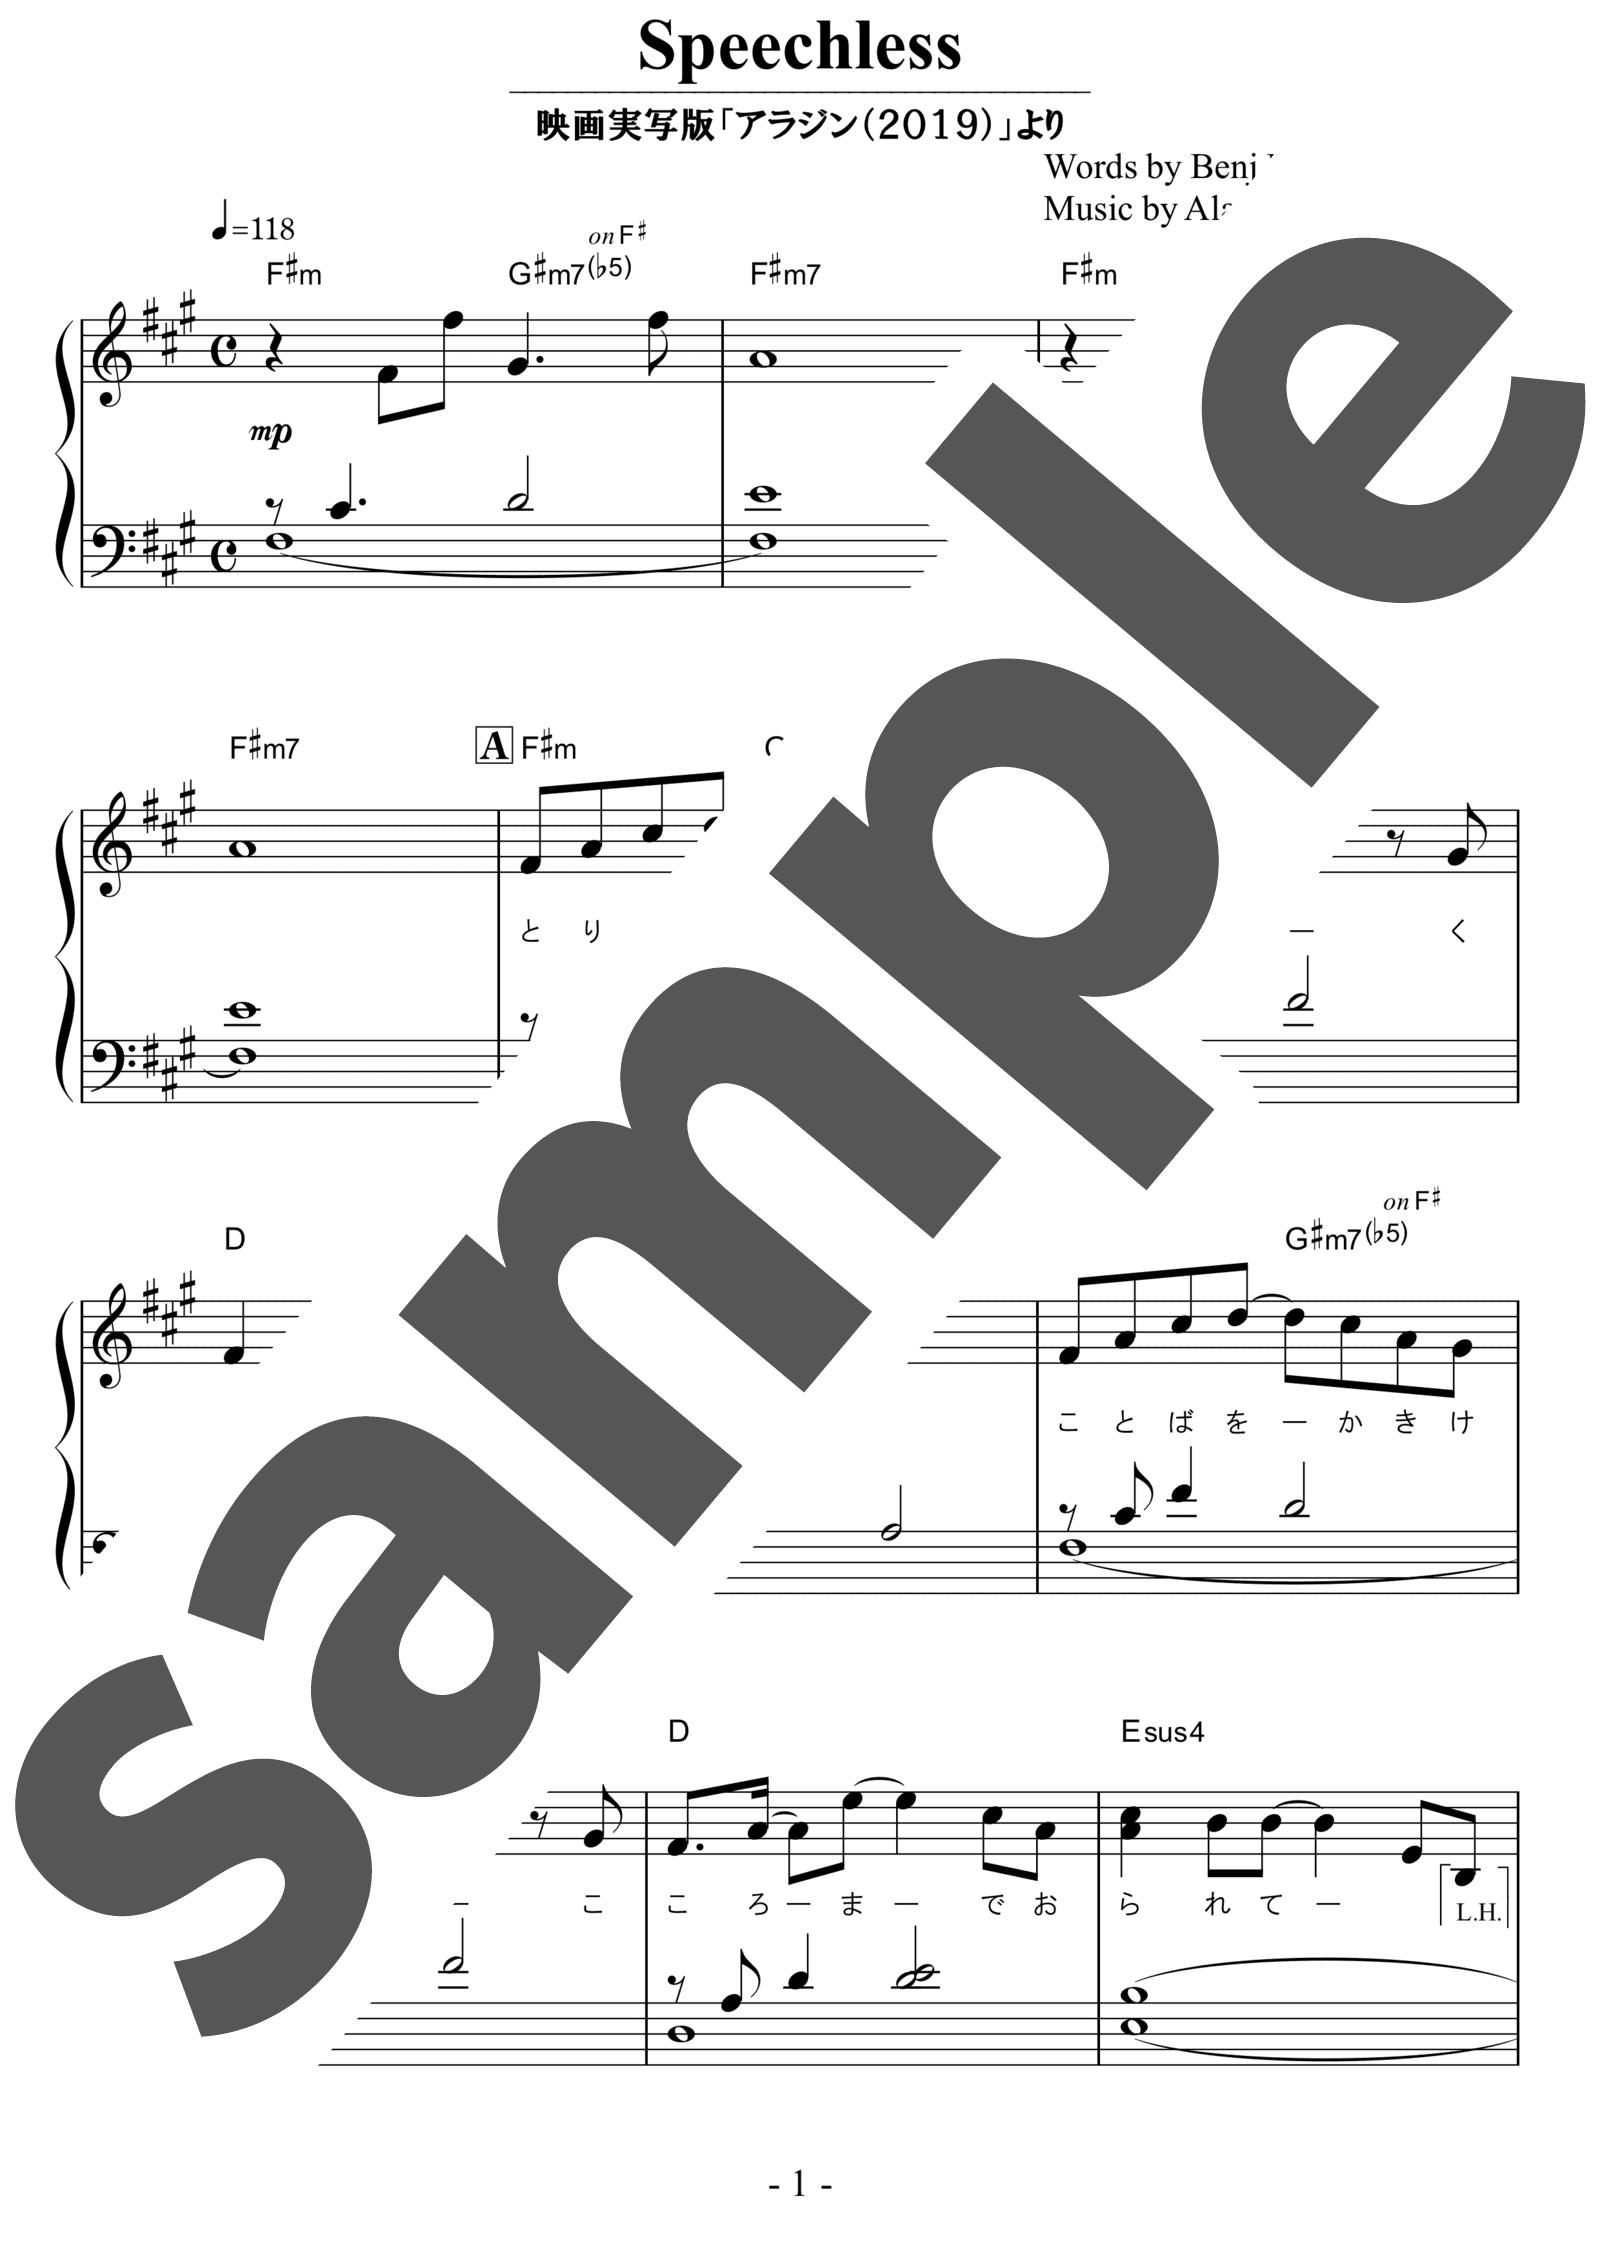 「スピーチレス~心の声」のサンプル楽譜